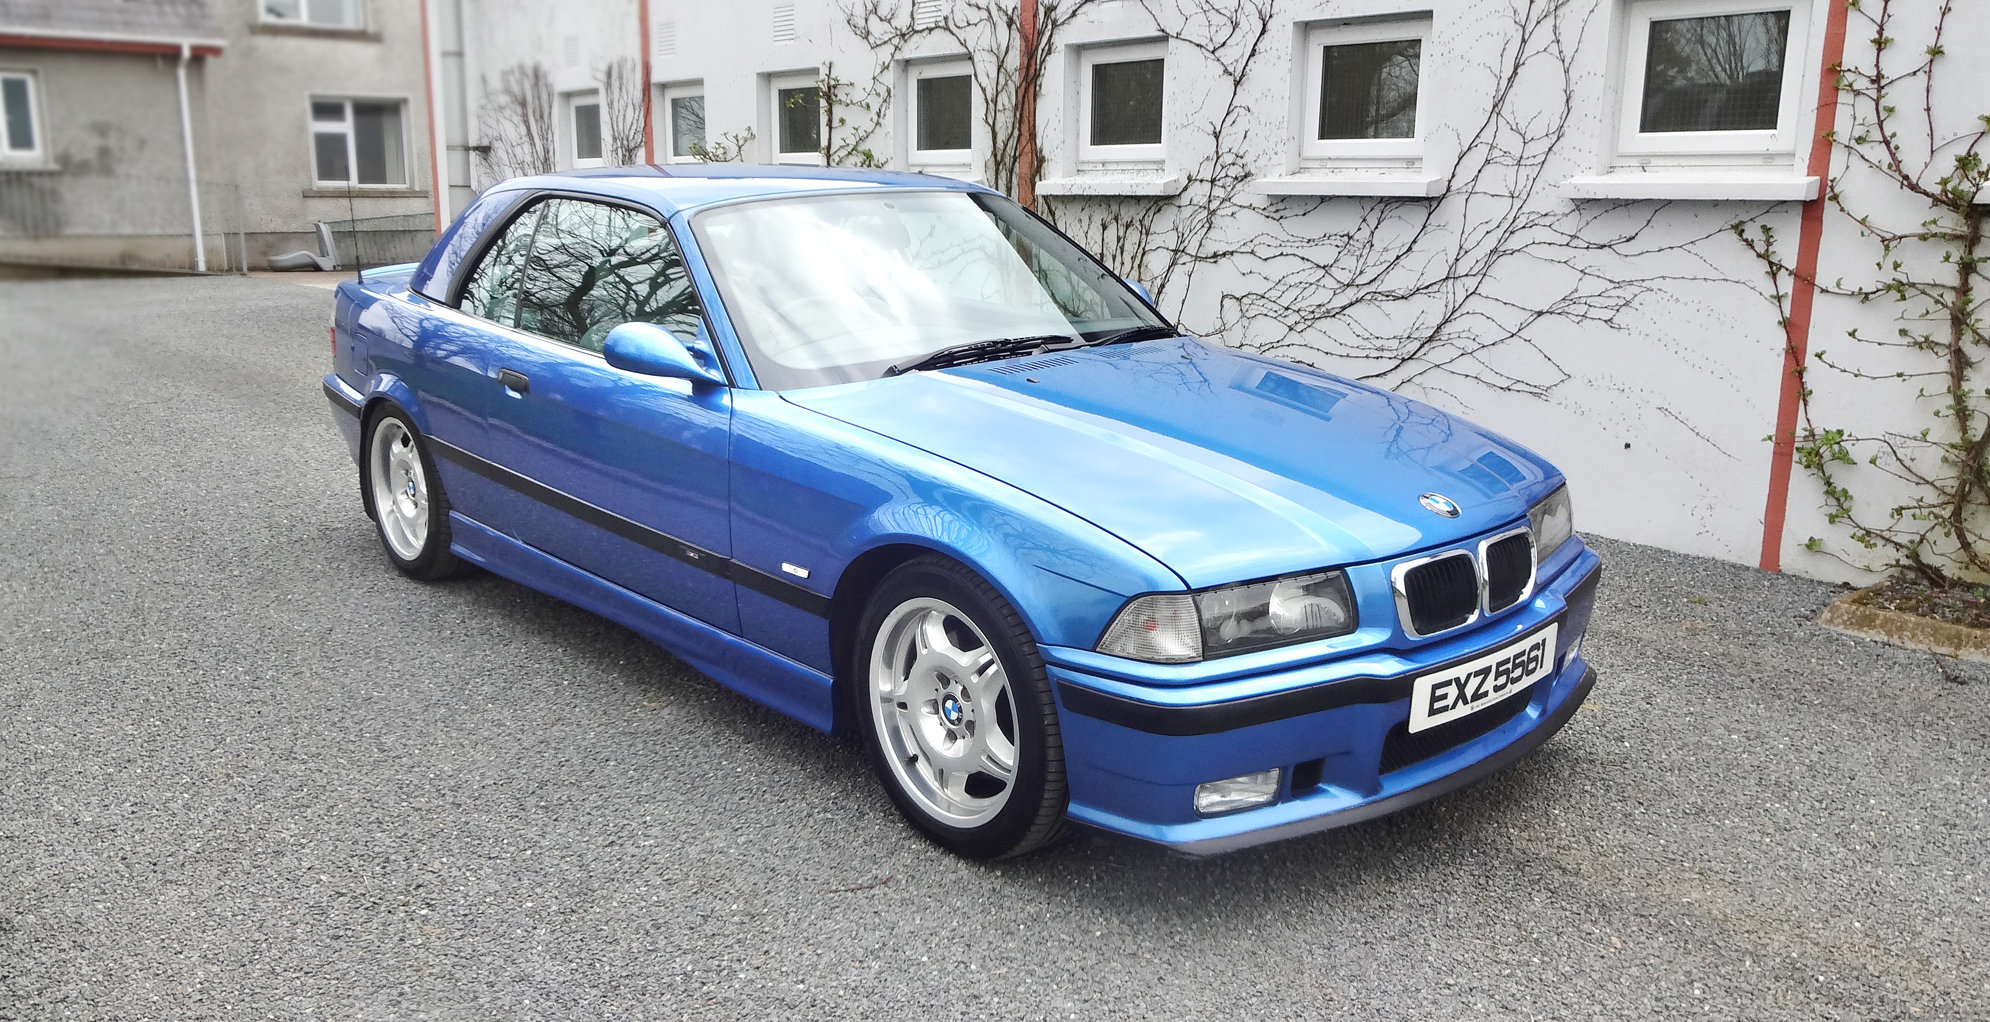 1999 Pristine BMW E36 M3 For Sale | Car And Classic